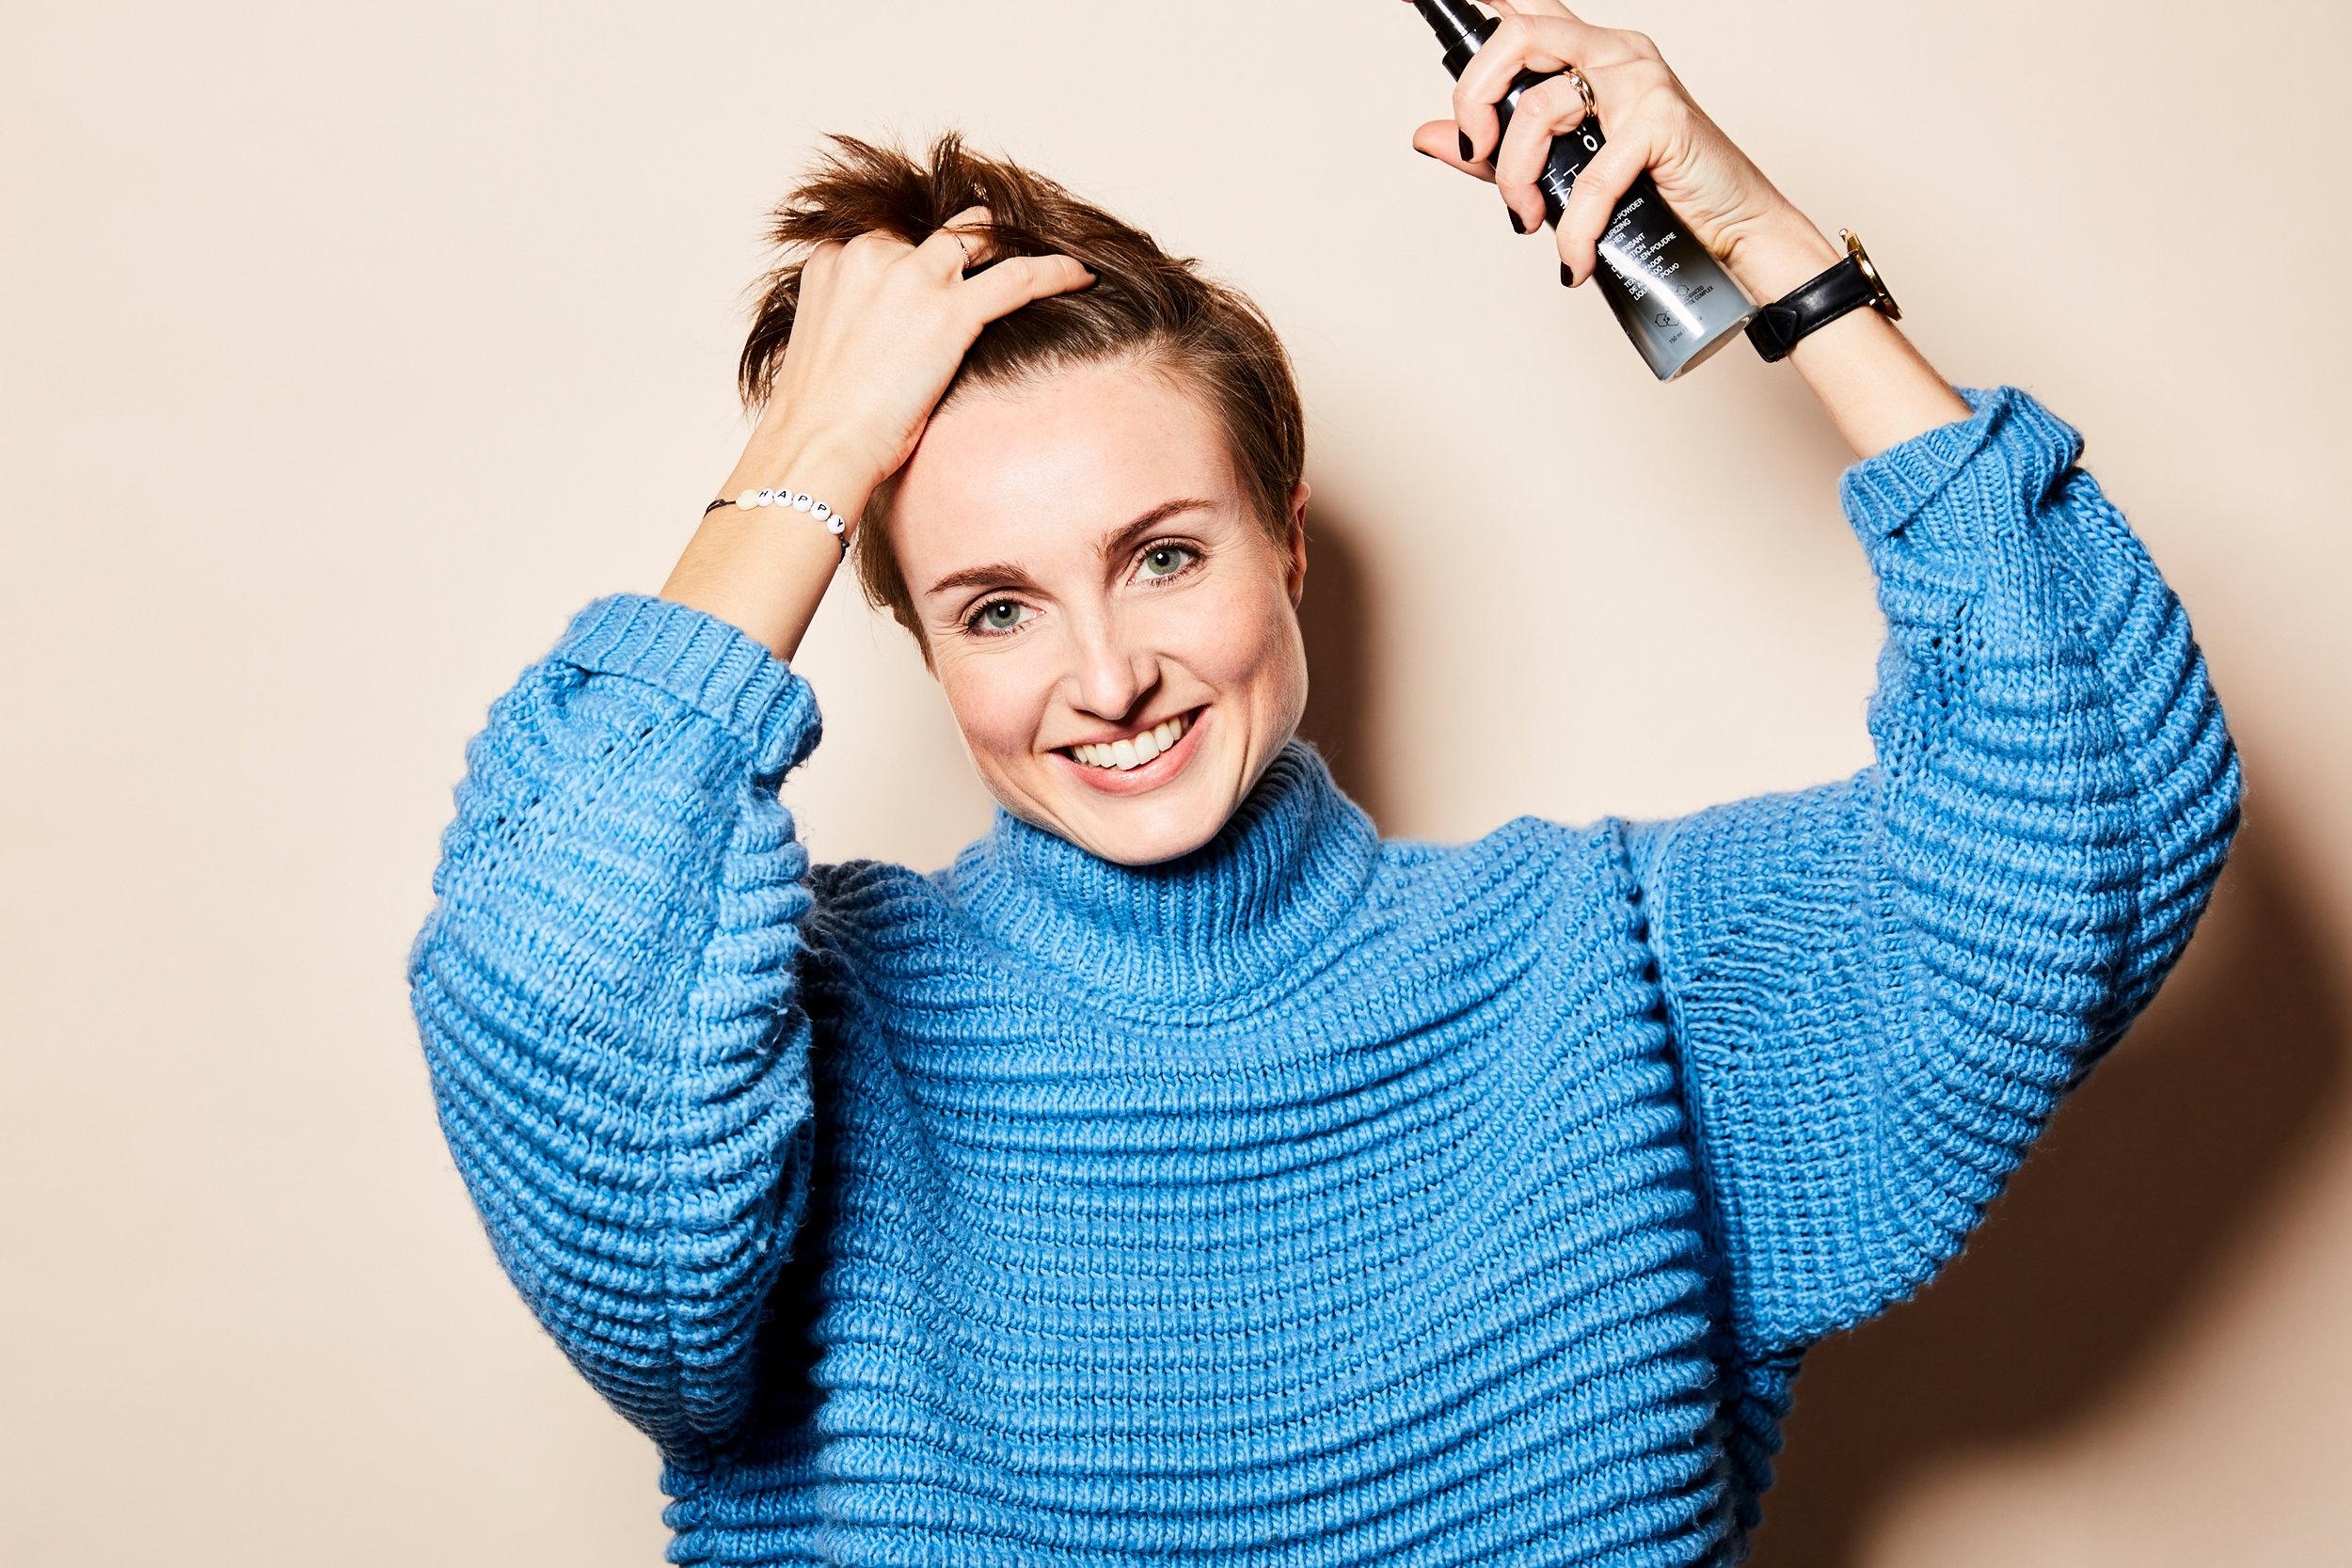 Juli sprayt den Hair Shaker von Joico an ihre Ansätze und knetet das Produkt gut in die Haare ein.